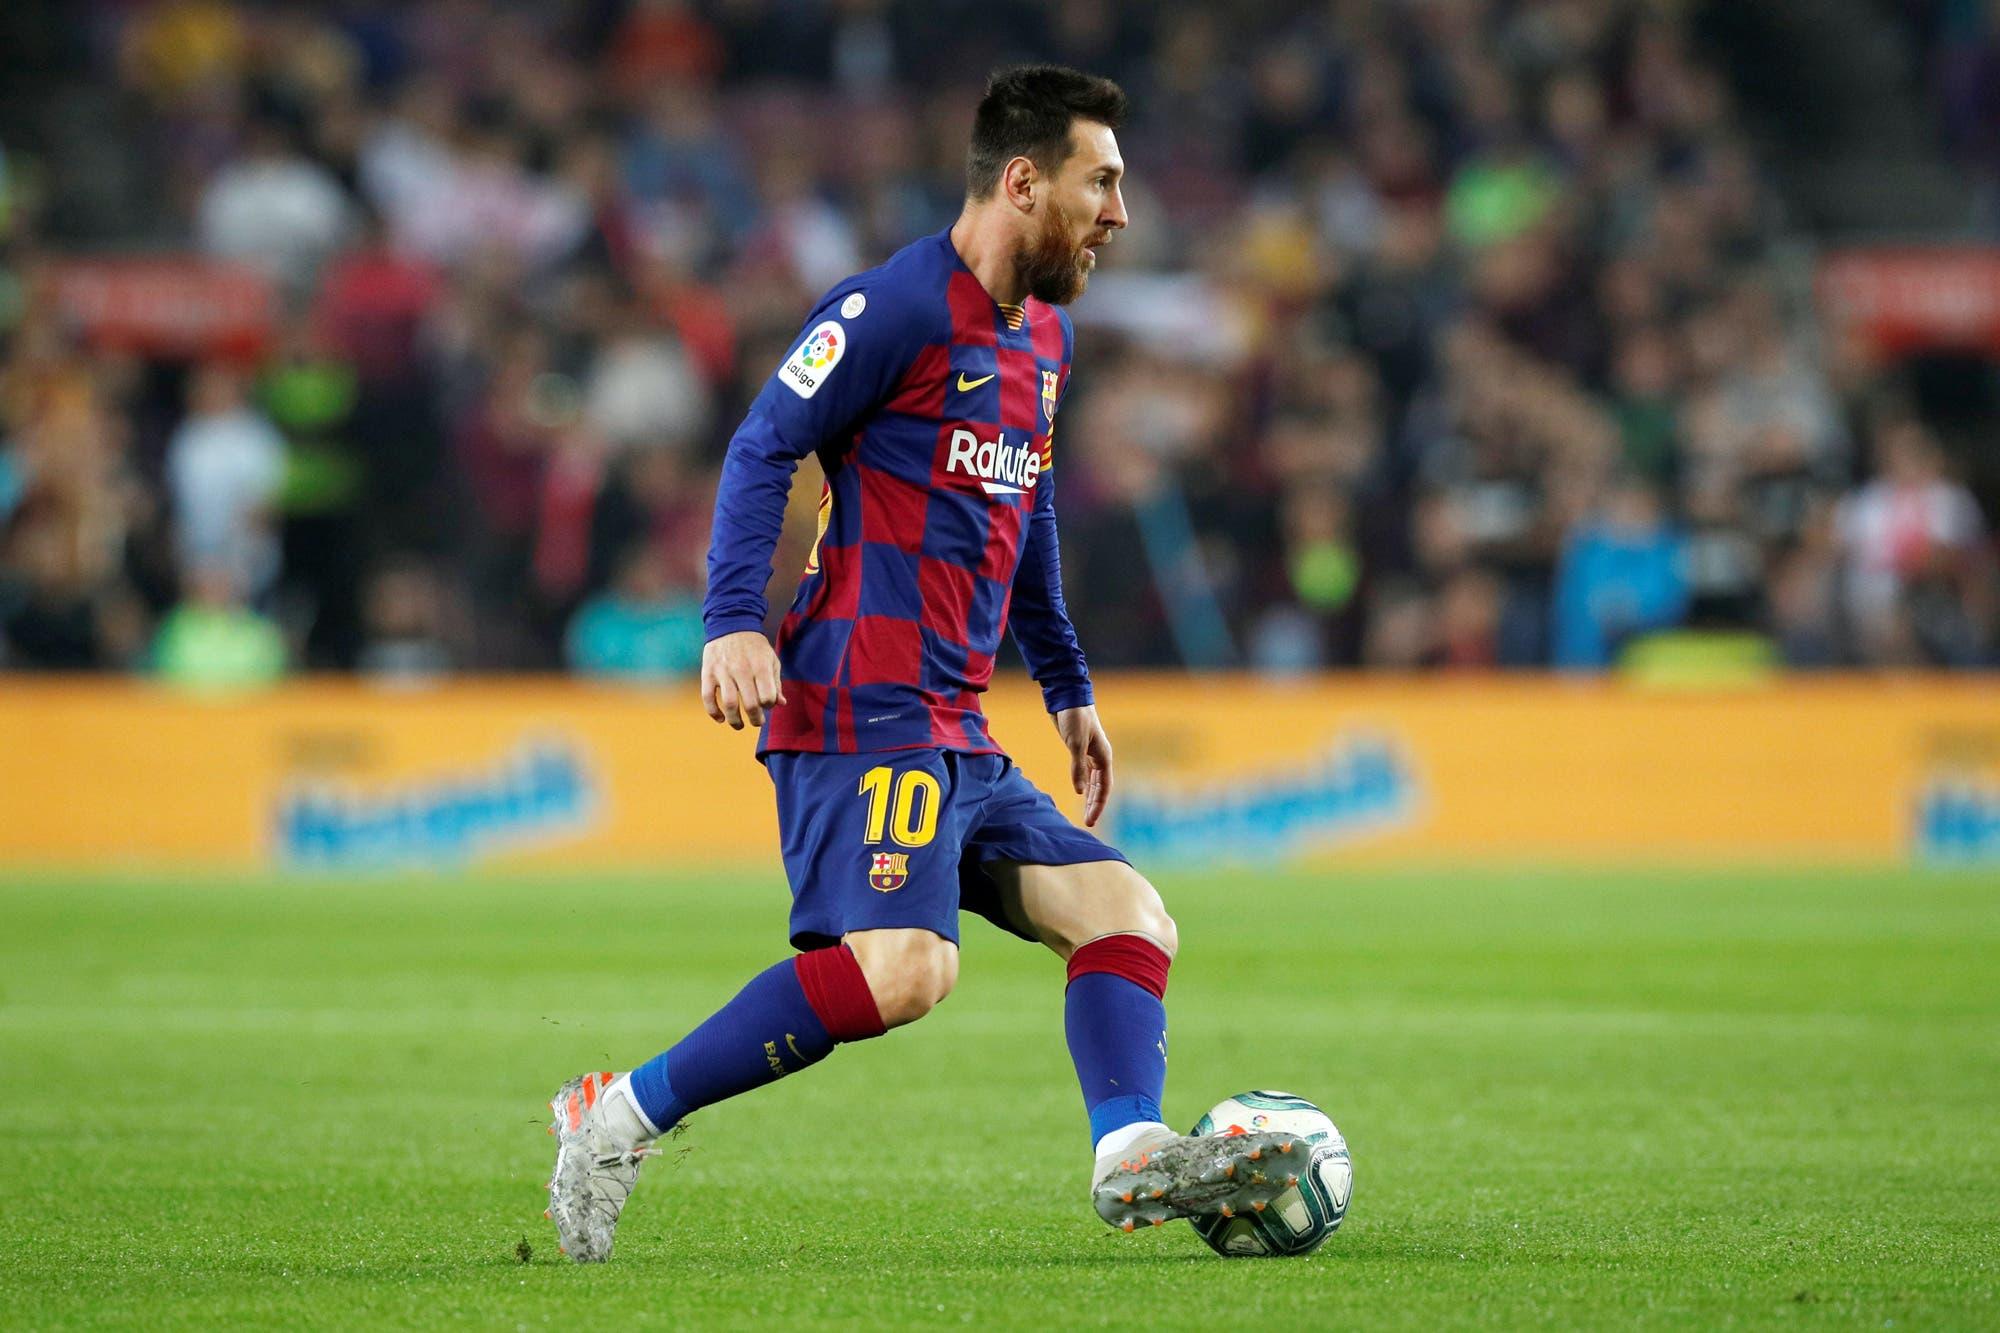 Leganés-Barcelona, Liga Española: horario, TV y formaciones